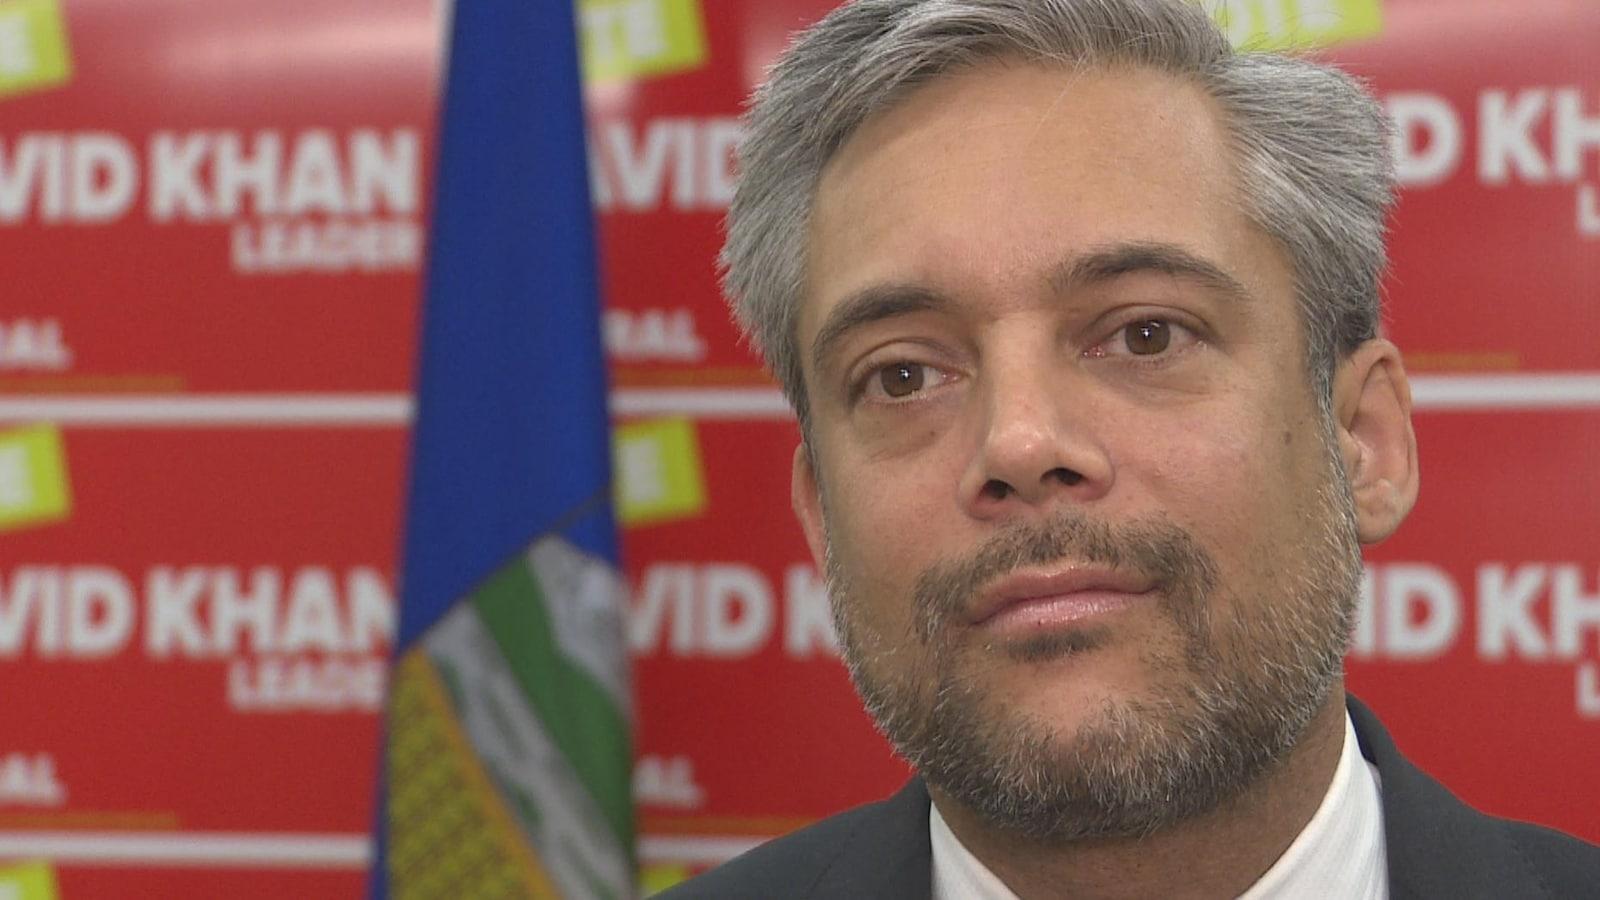 Le chef du Parti libéral de l'Alberta, David Khan, derrière un drapeau et des pancartes dans son bureau à Calgary.